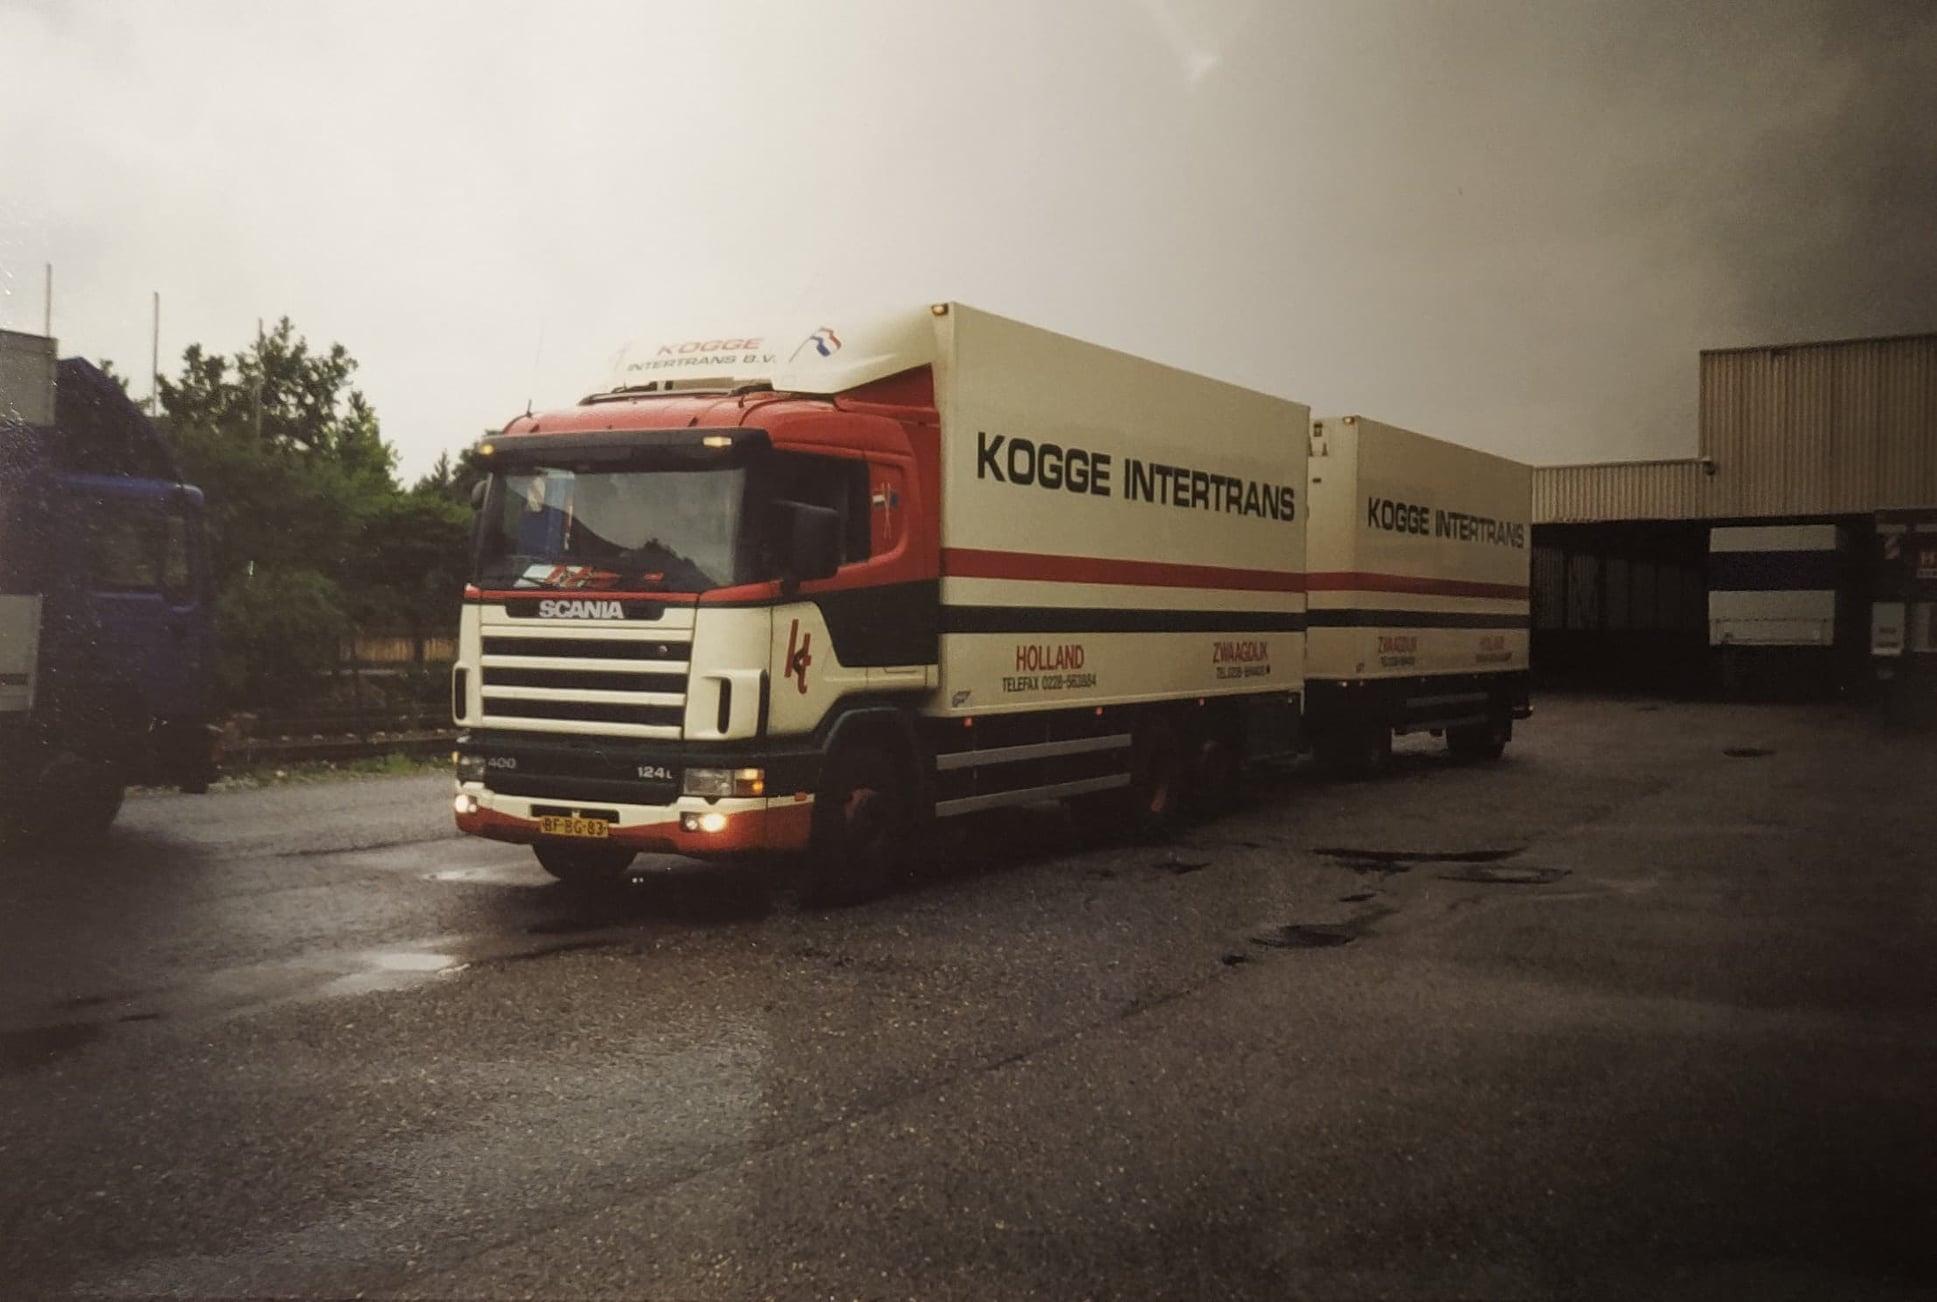 Scania-124--bij-Huber-in-Ohringen--Edwin-de-Wolf--R-I-P